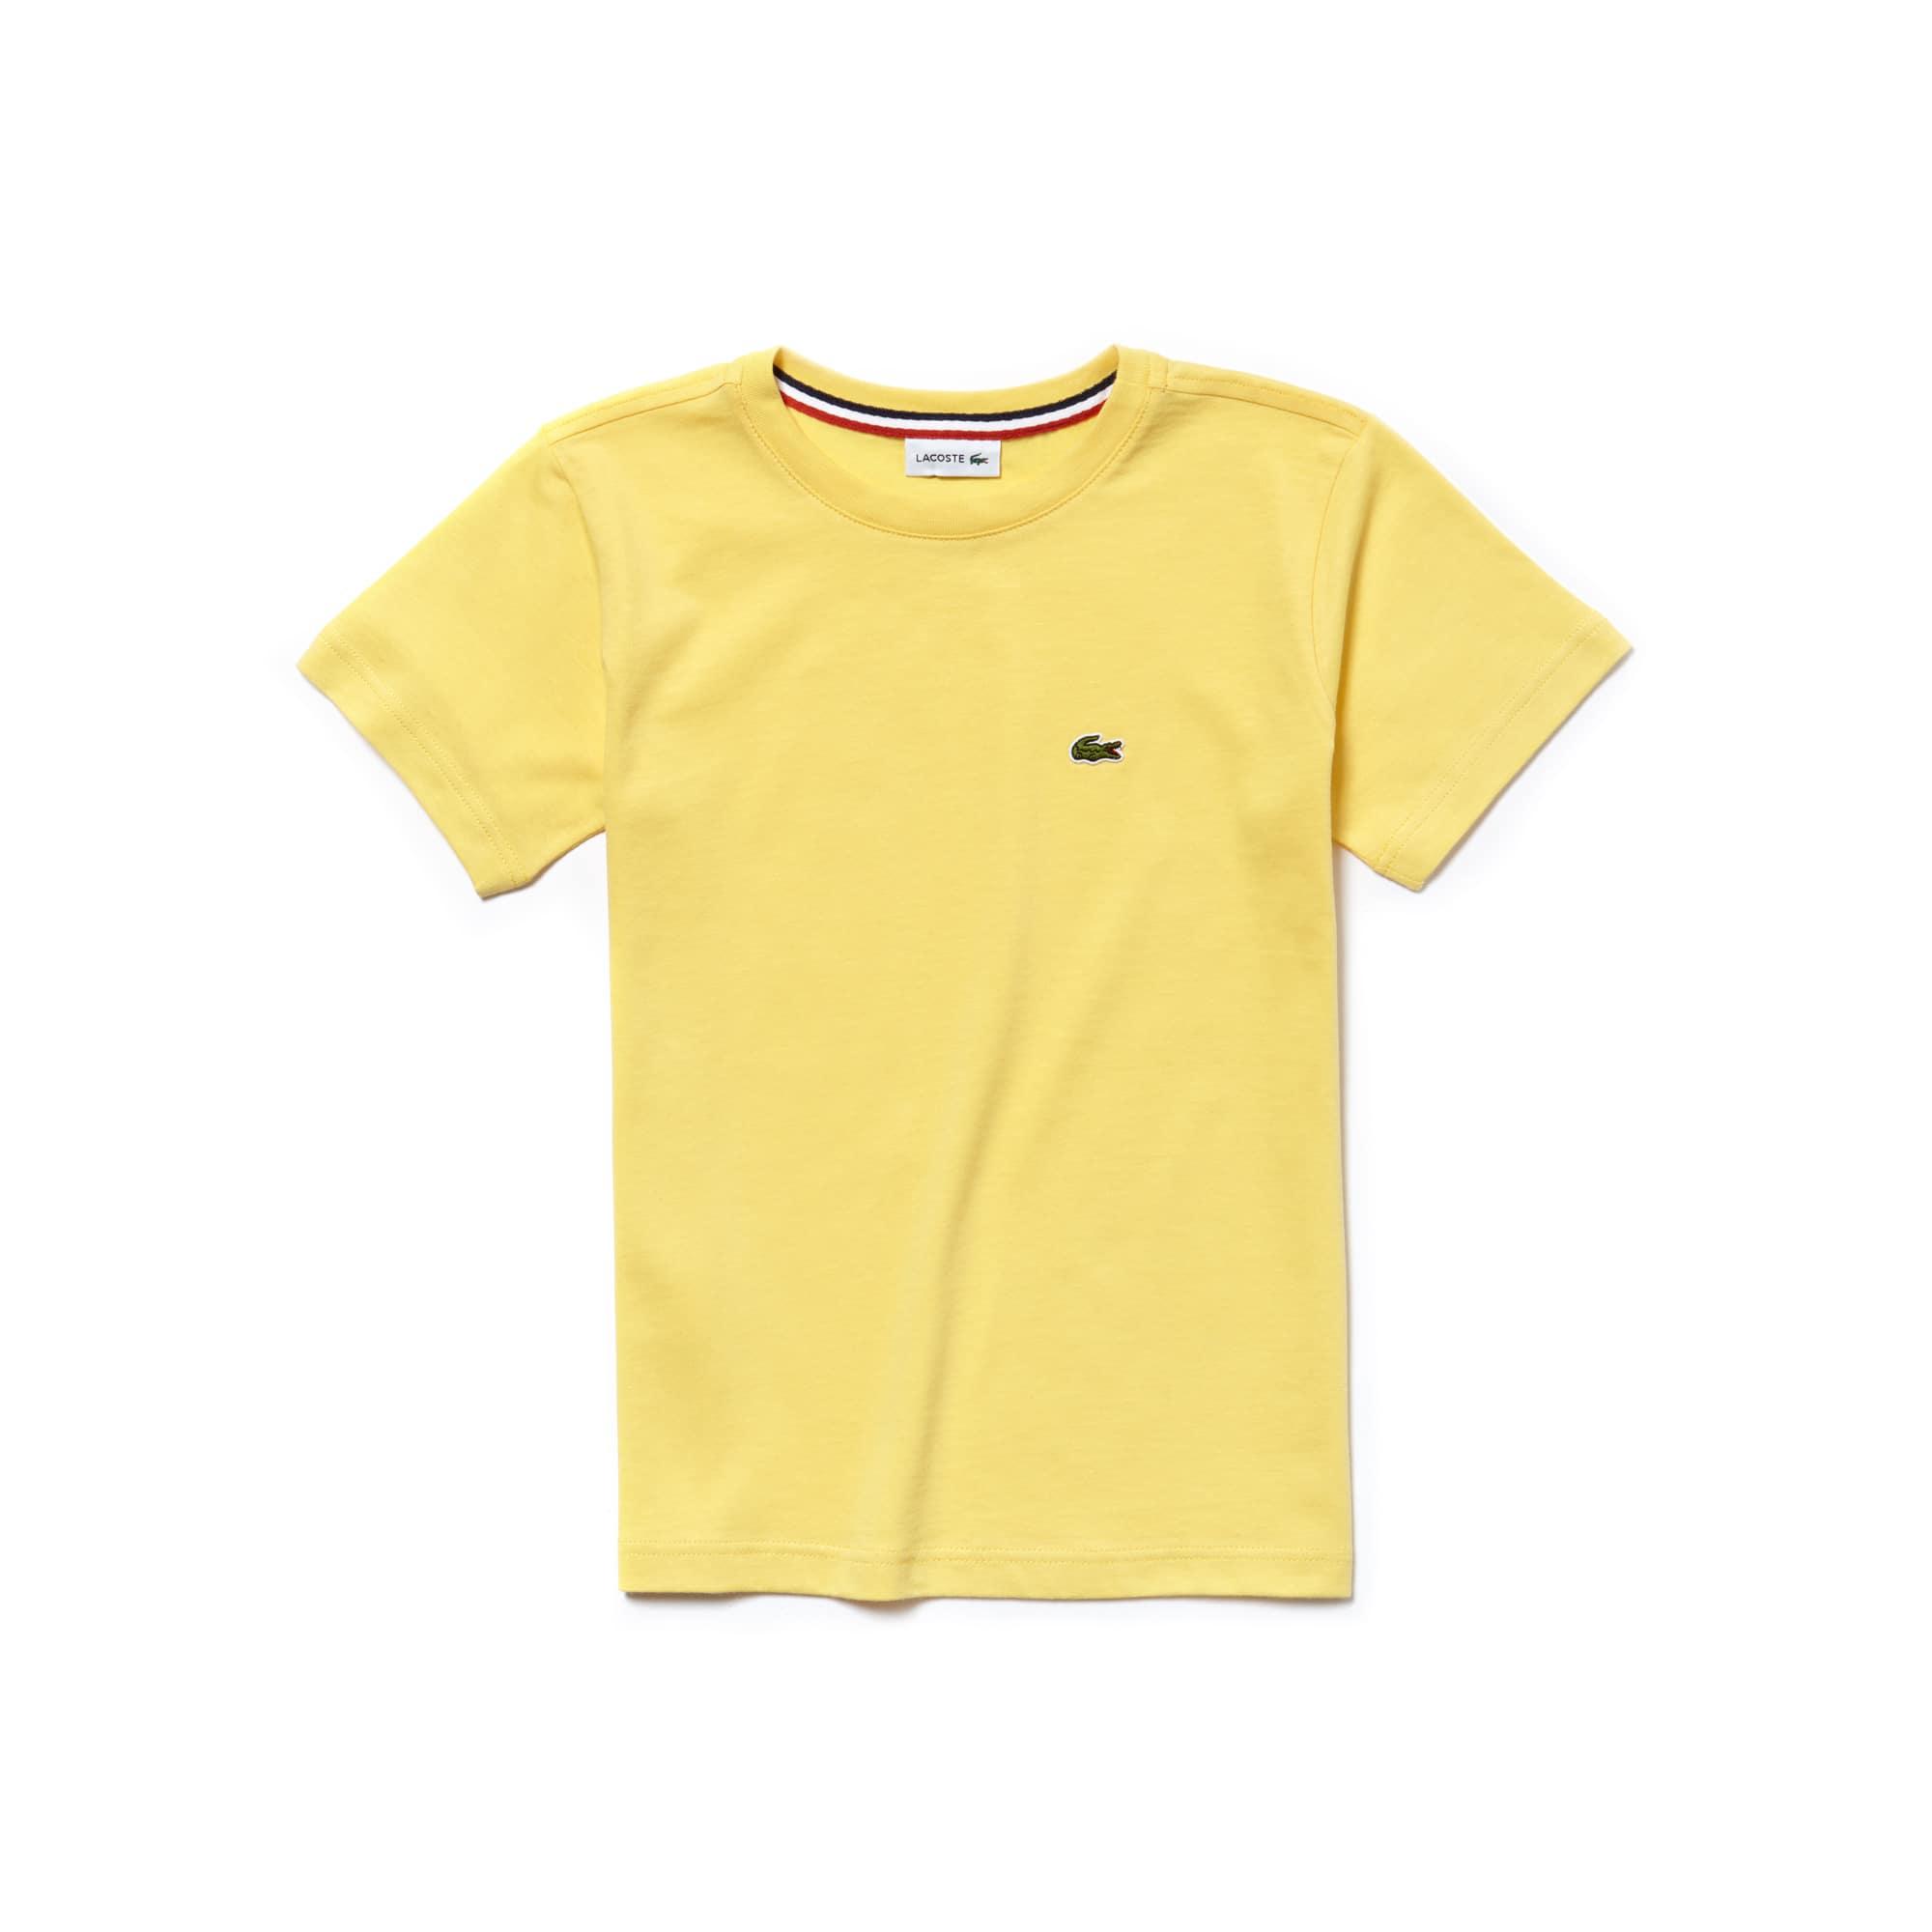 Camiseta Infantil Masculina em Jérsei de Algodão com Gola Redonda